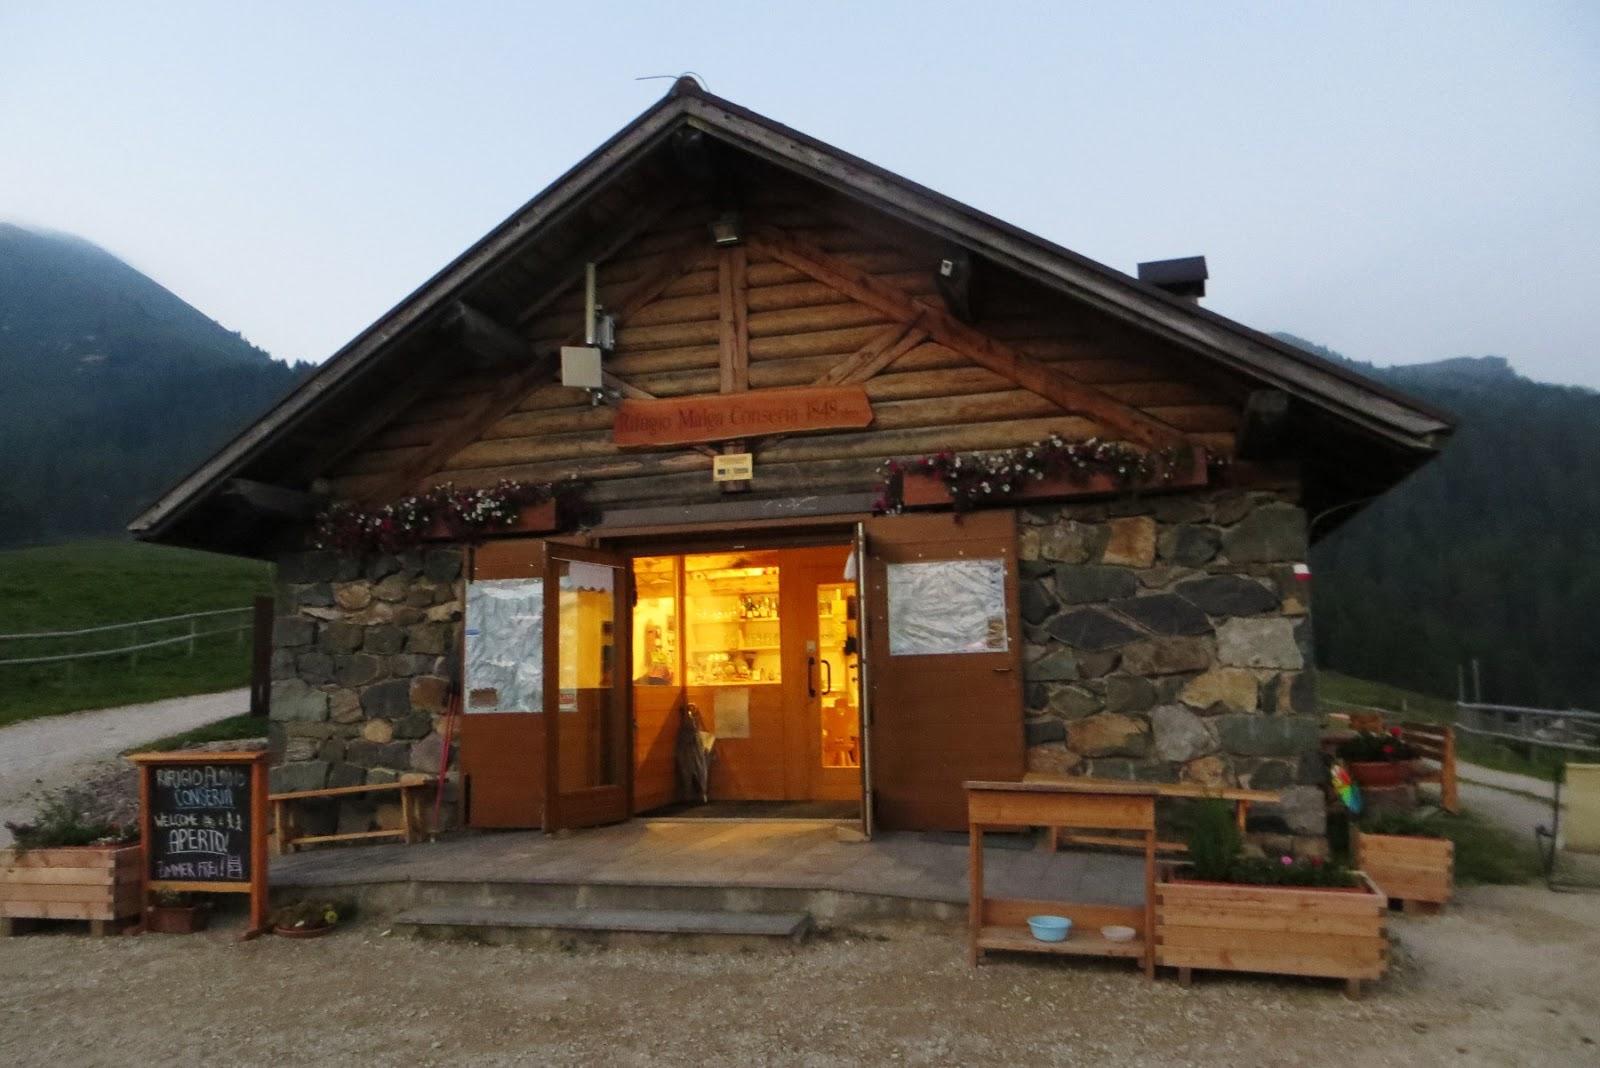 Dormire una notte in rifugio ecco cosa serve for Rifugio in baita di montagna